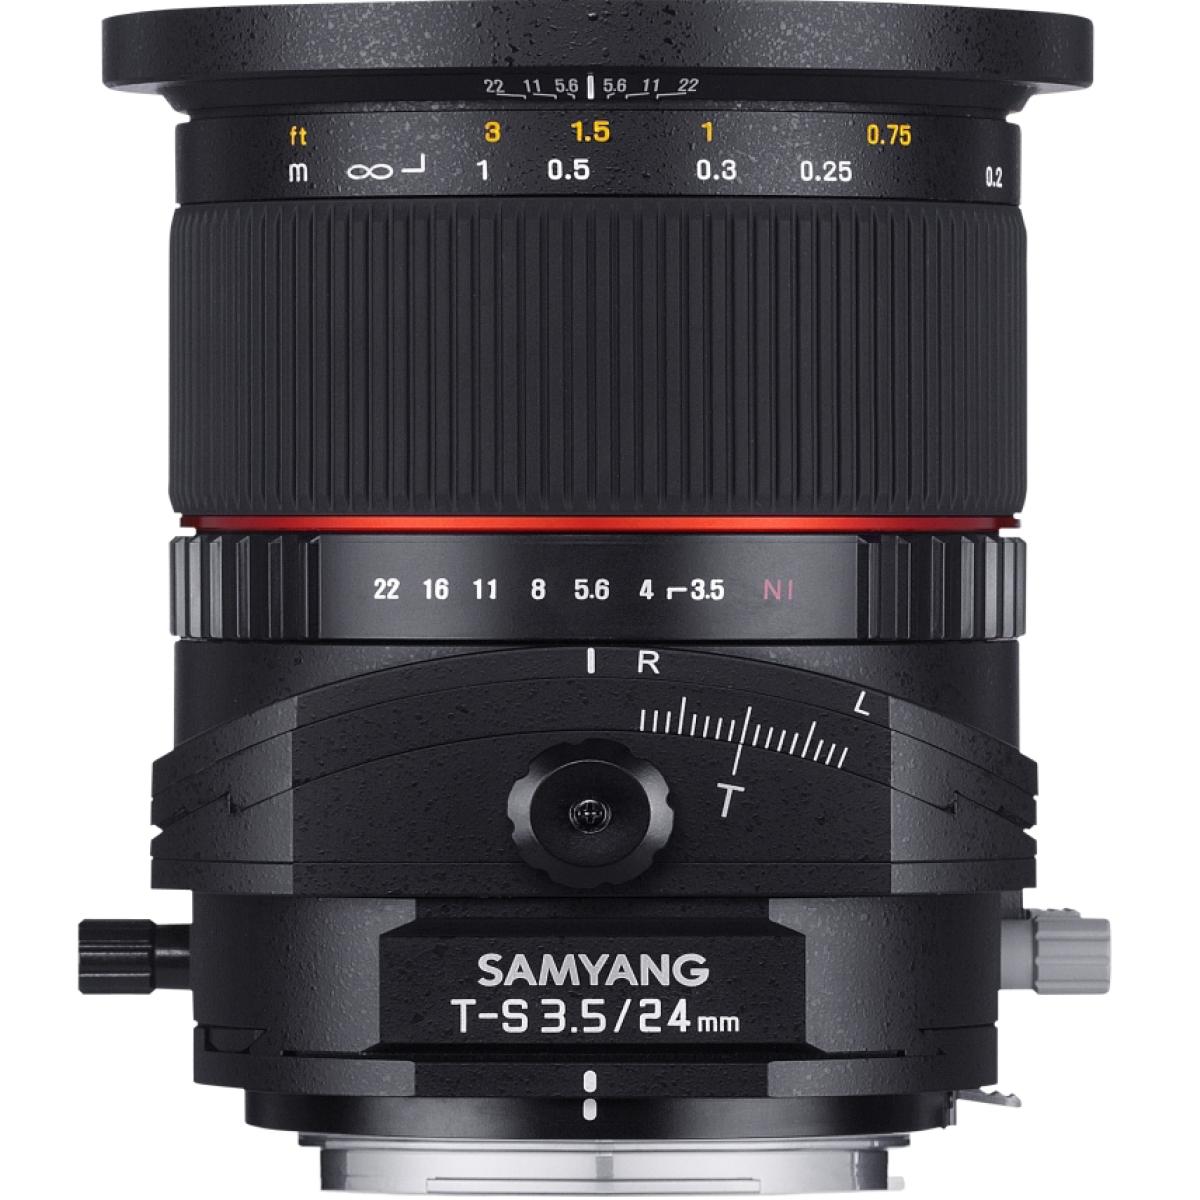 Samyang Tilt-Shift 24 mm 1:3,5 für Fujifilm X